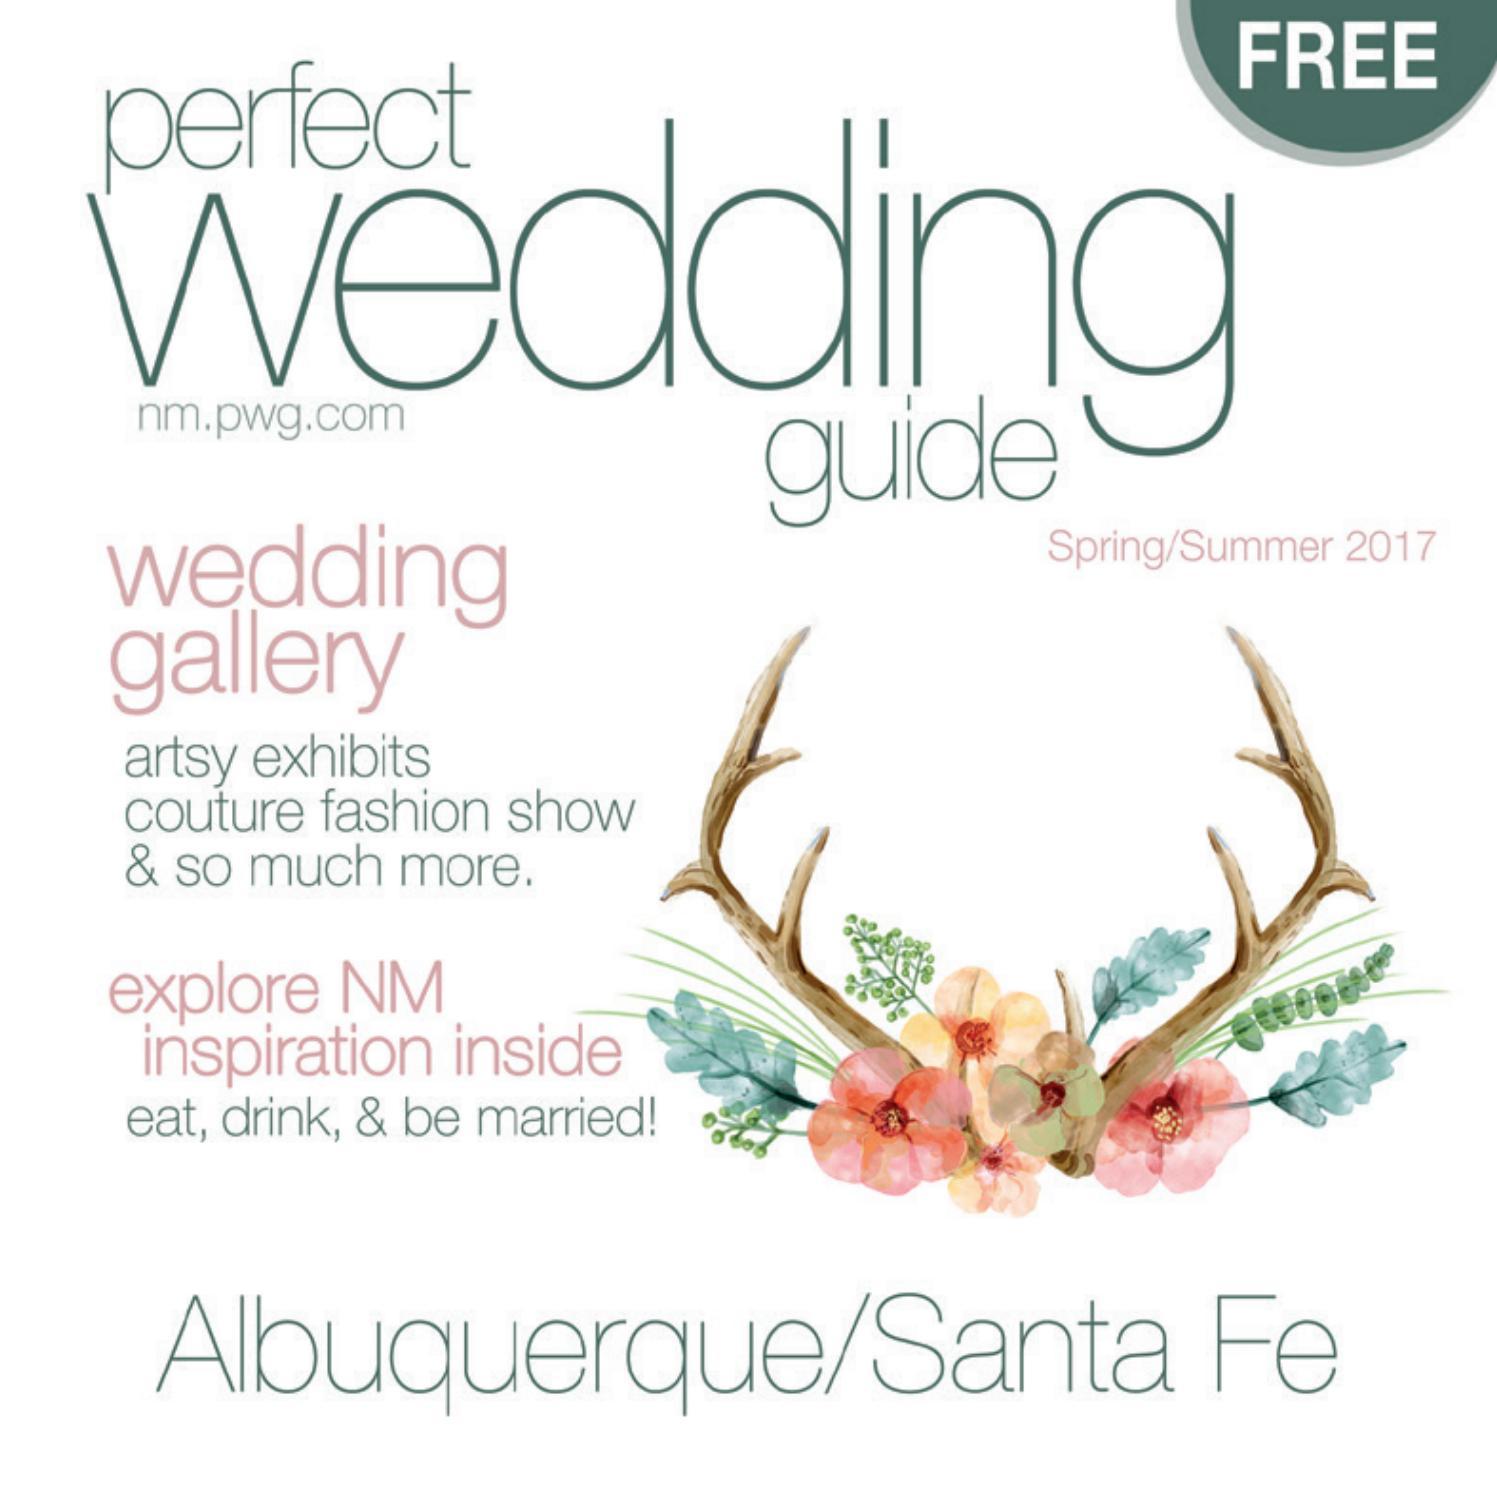 Perfect Wedding Guide Albuquerque/Santa Fe Spring/Summer 2017 by ...